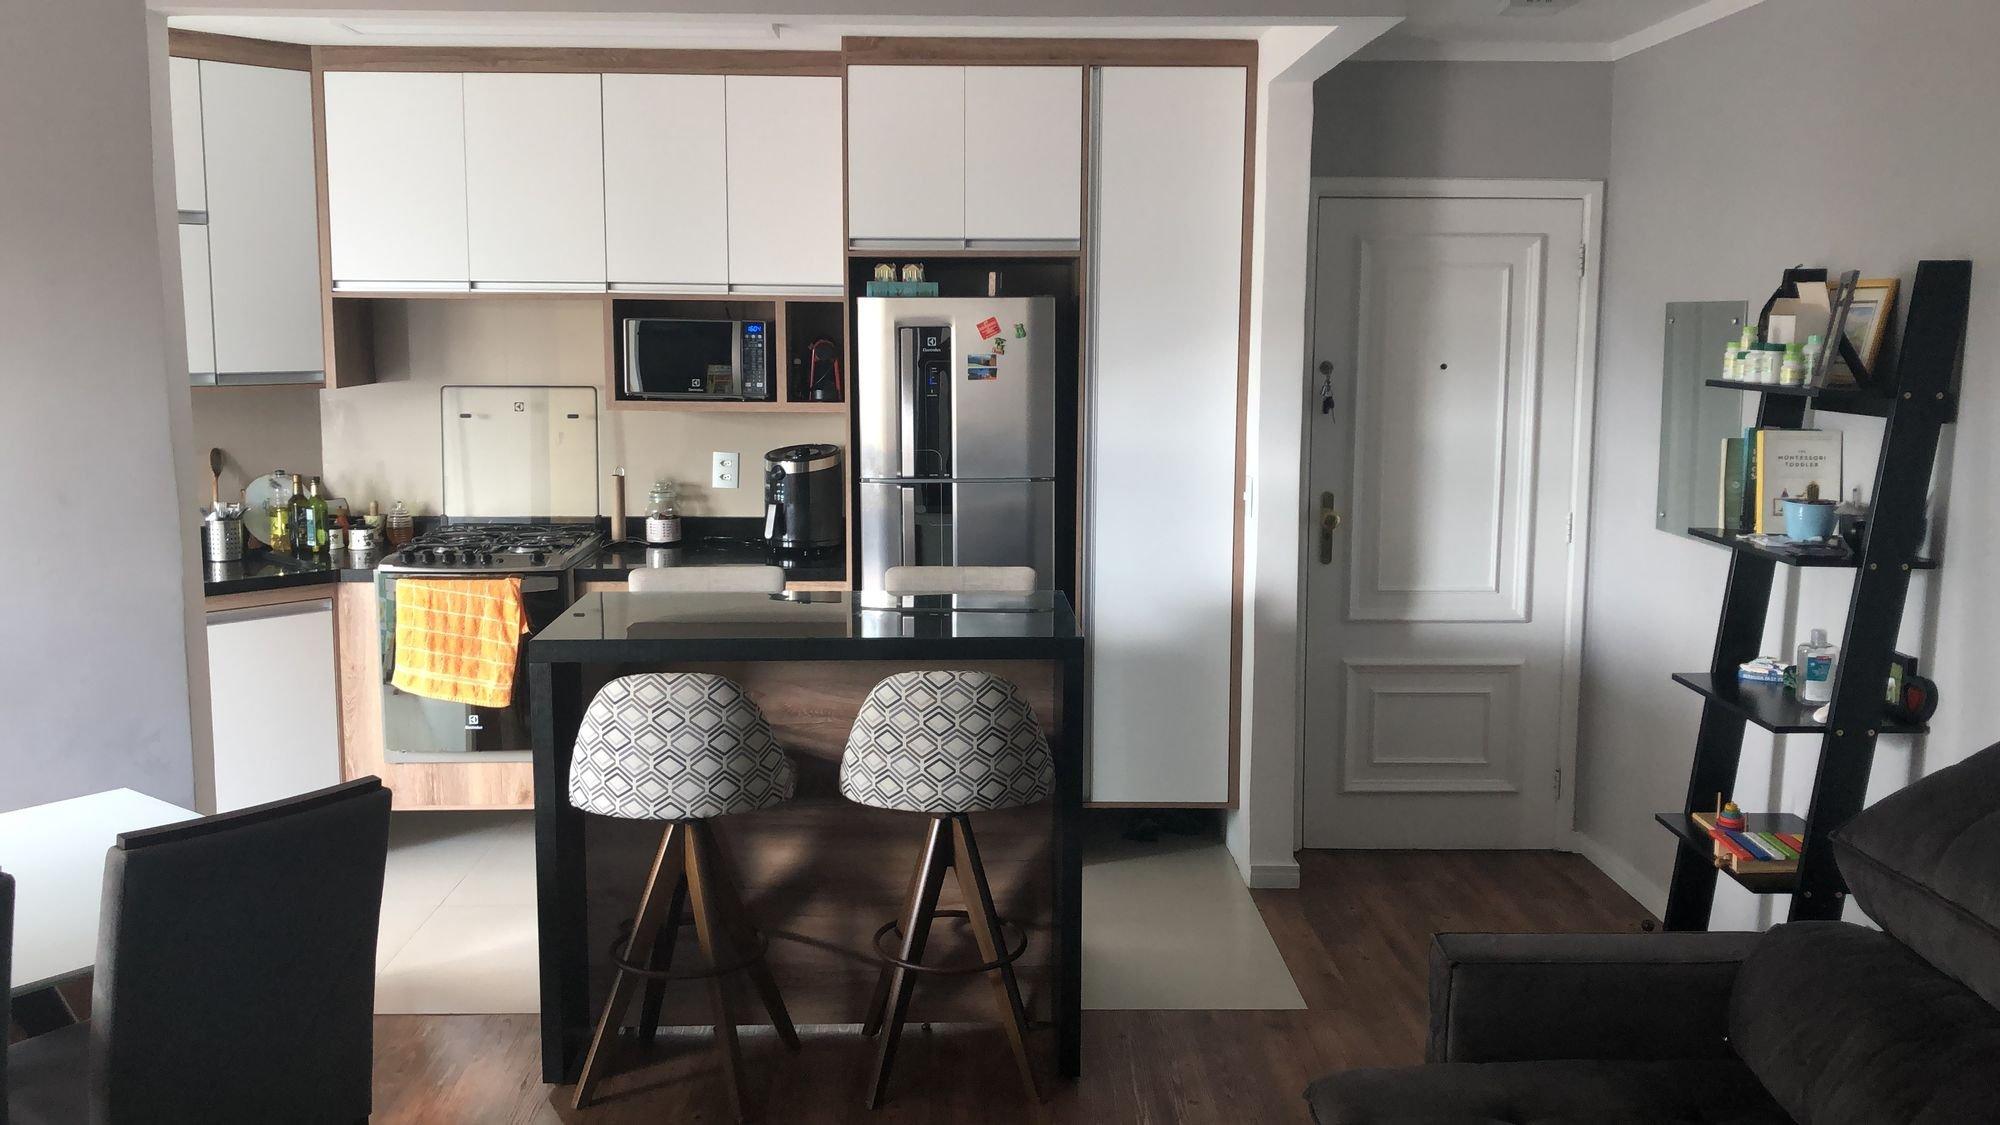 Foto de Sala com garrafa, forno, geladeira, cadeira, microondas, mesa de jantar